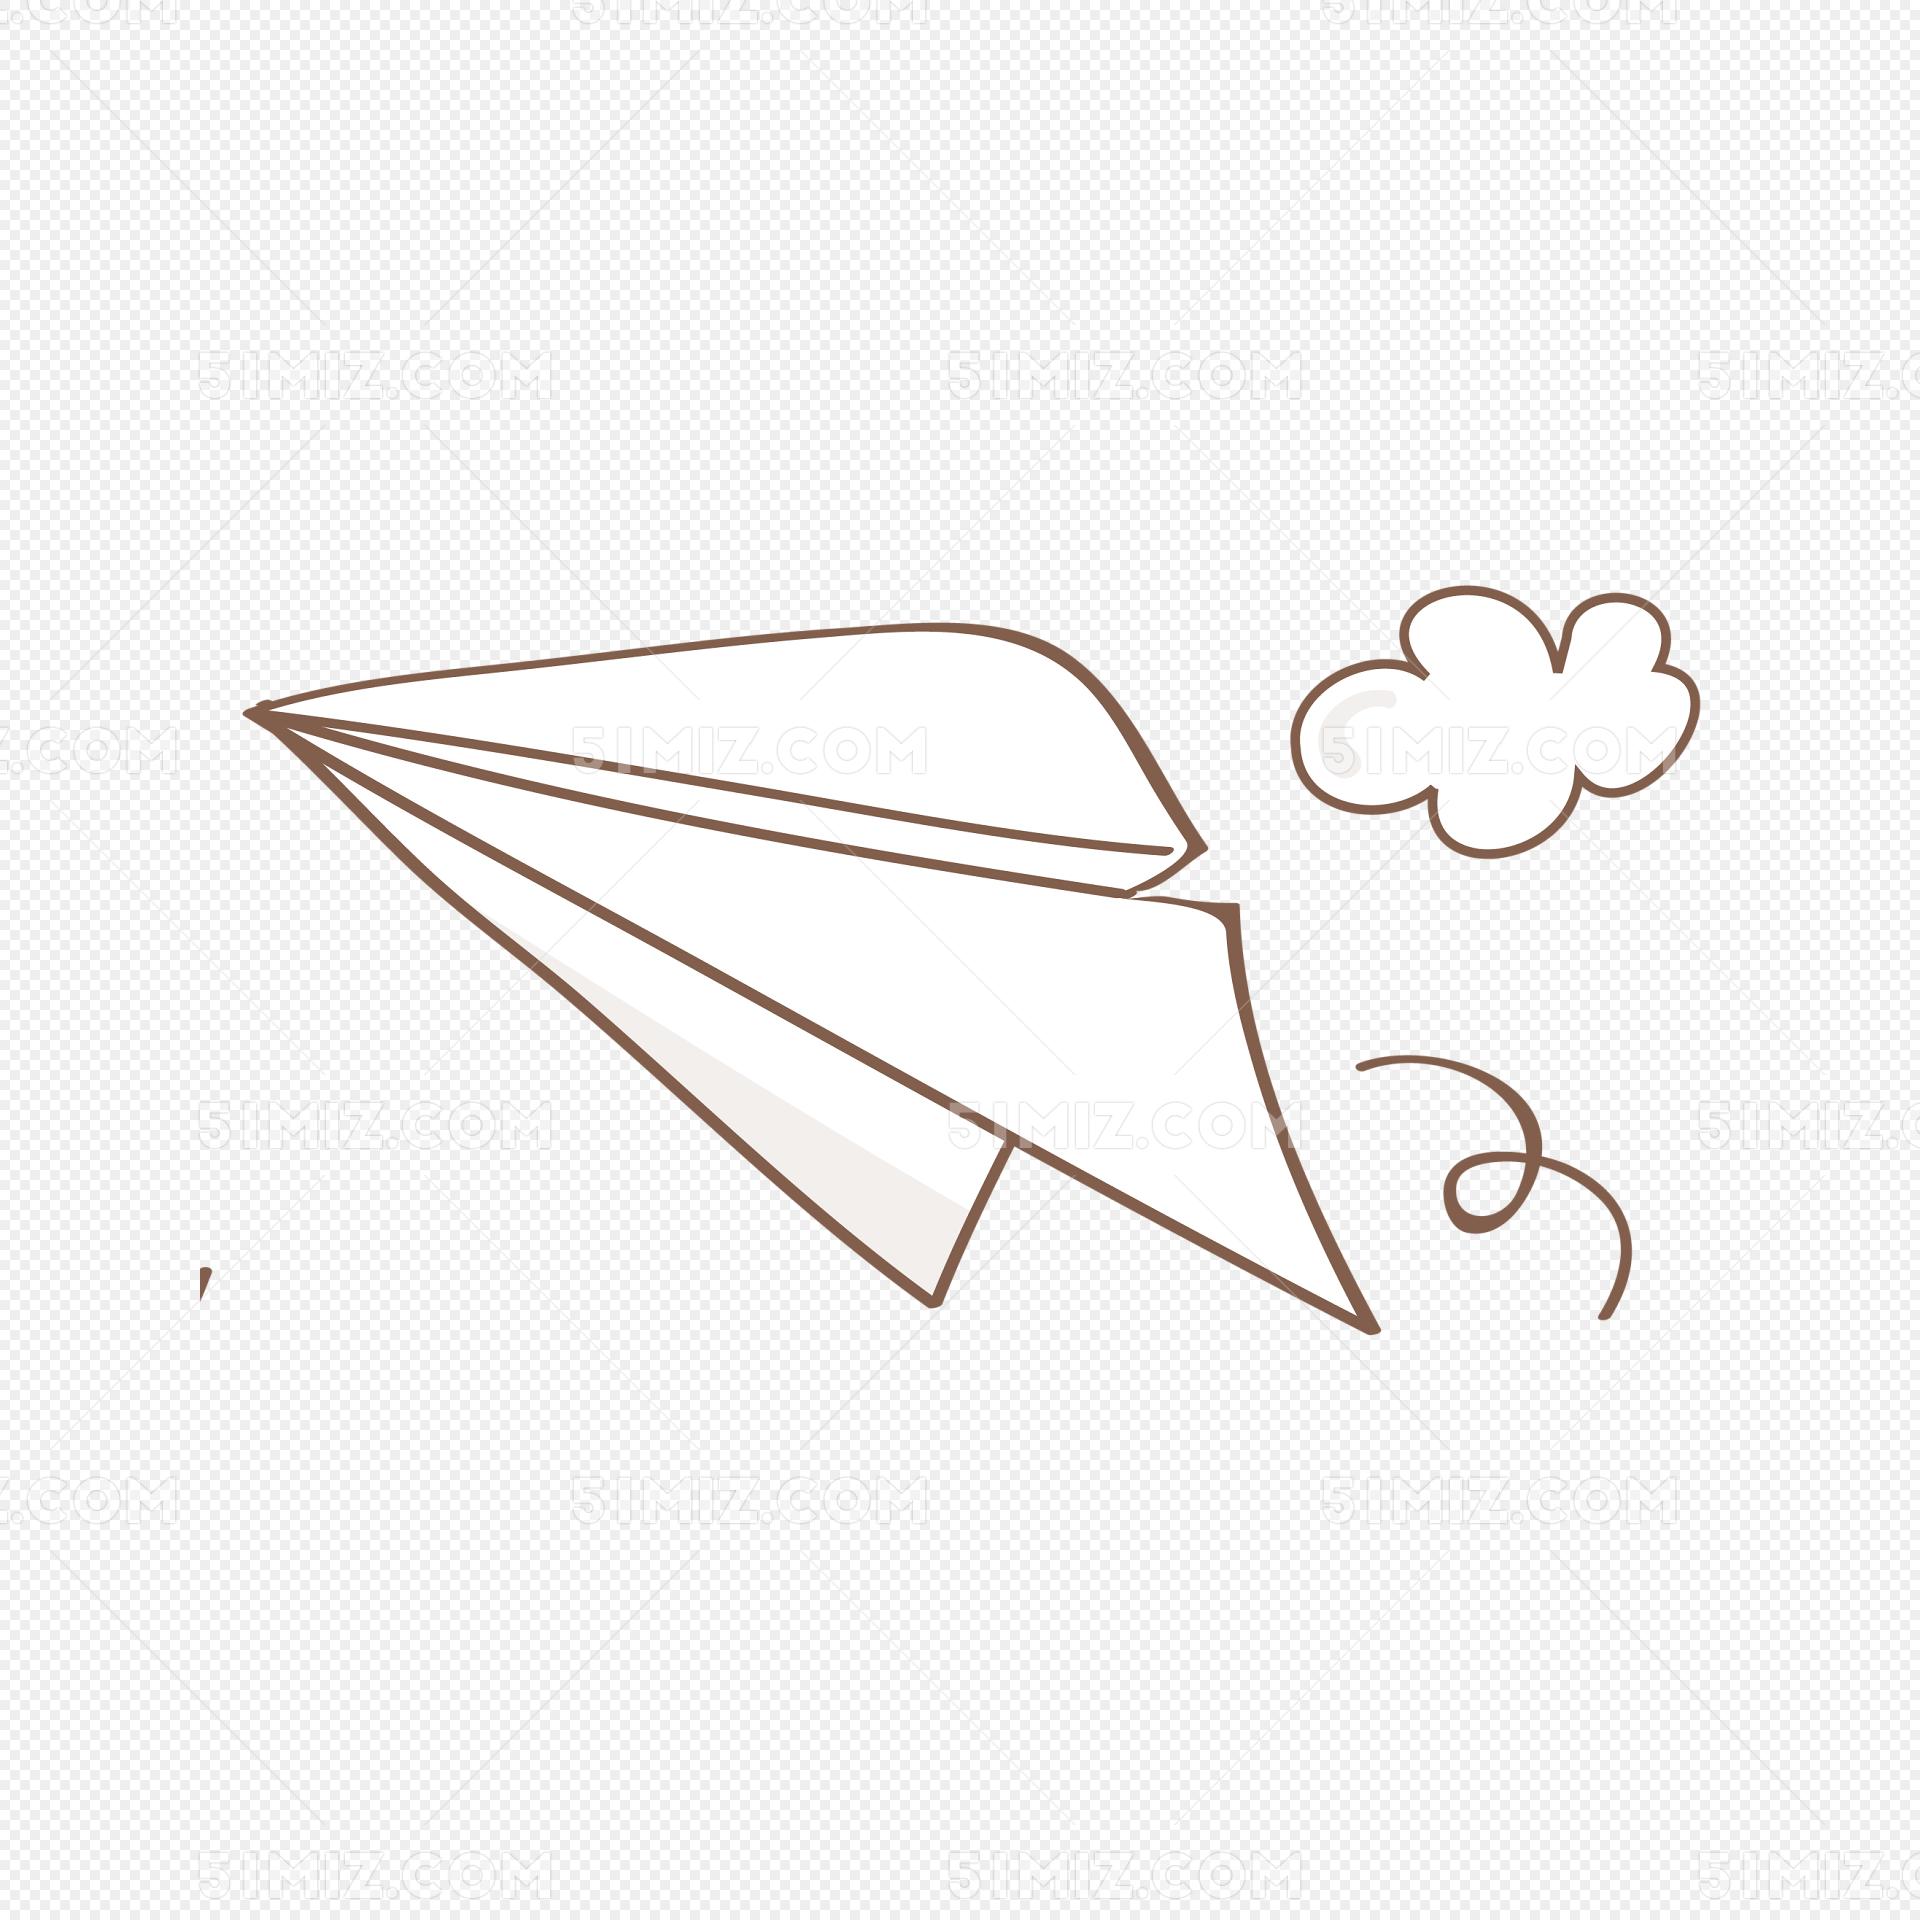 矢量手绘简笔纸飞机图片素材免费下载_觅知网